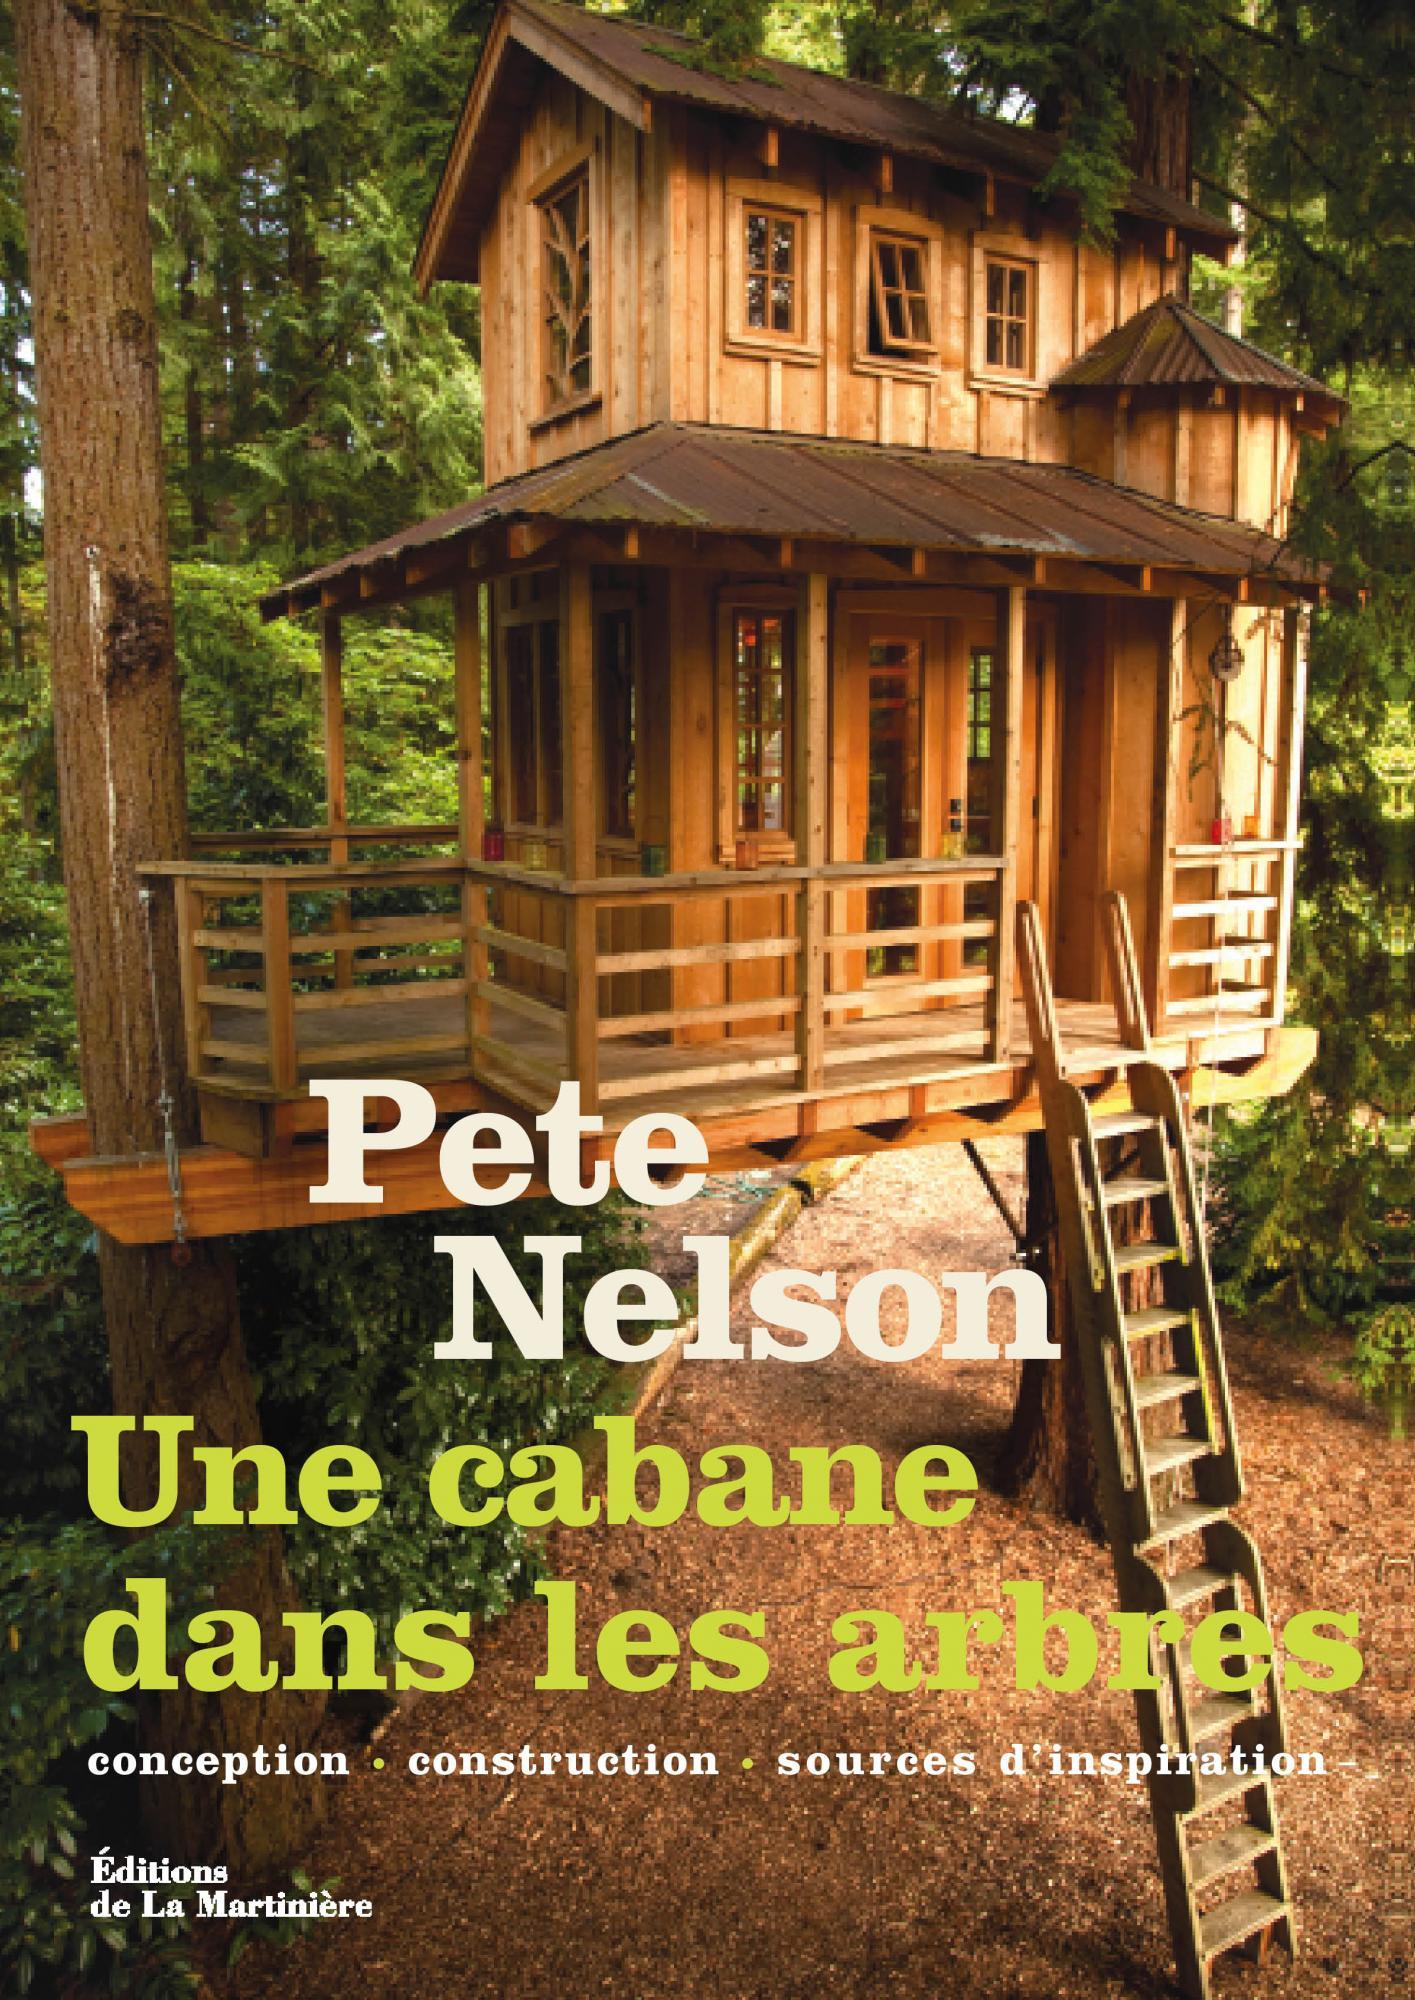 Fabriquer Une Cabane En Bois Dans Un Arbre : Cabane Dans Les Arbres Plan de Construction Cabane Perchee Dans Les